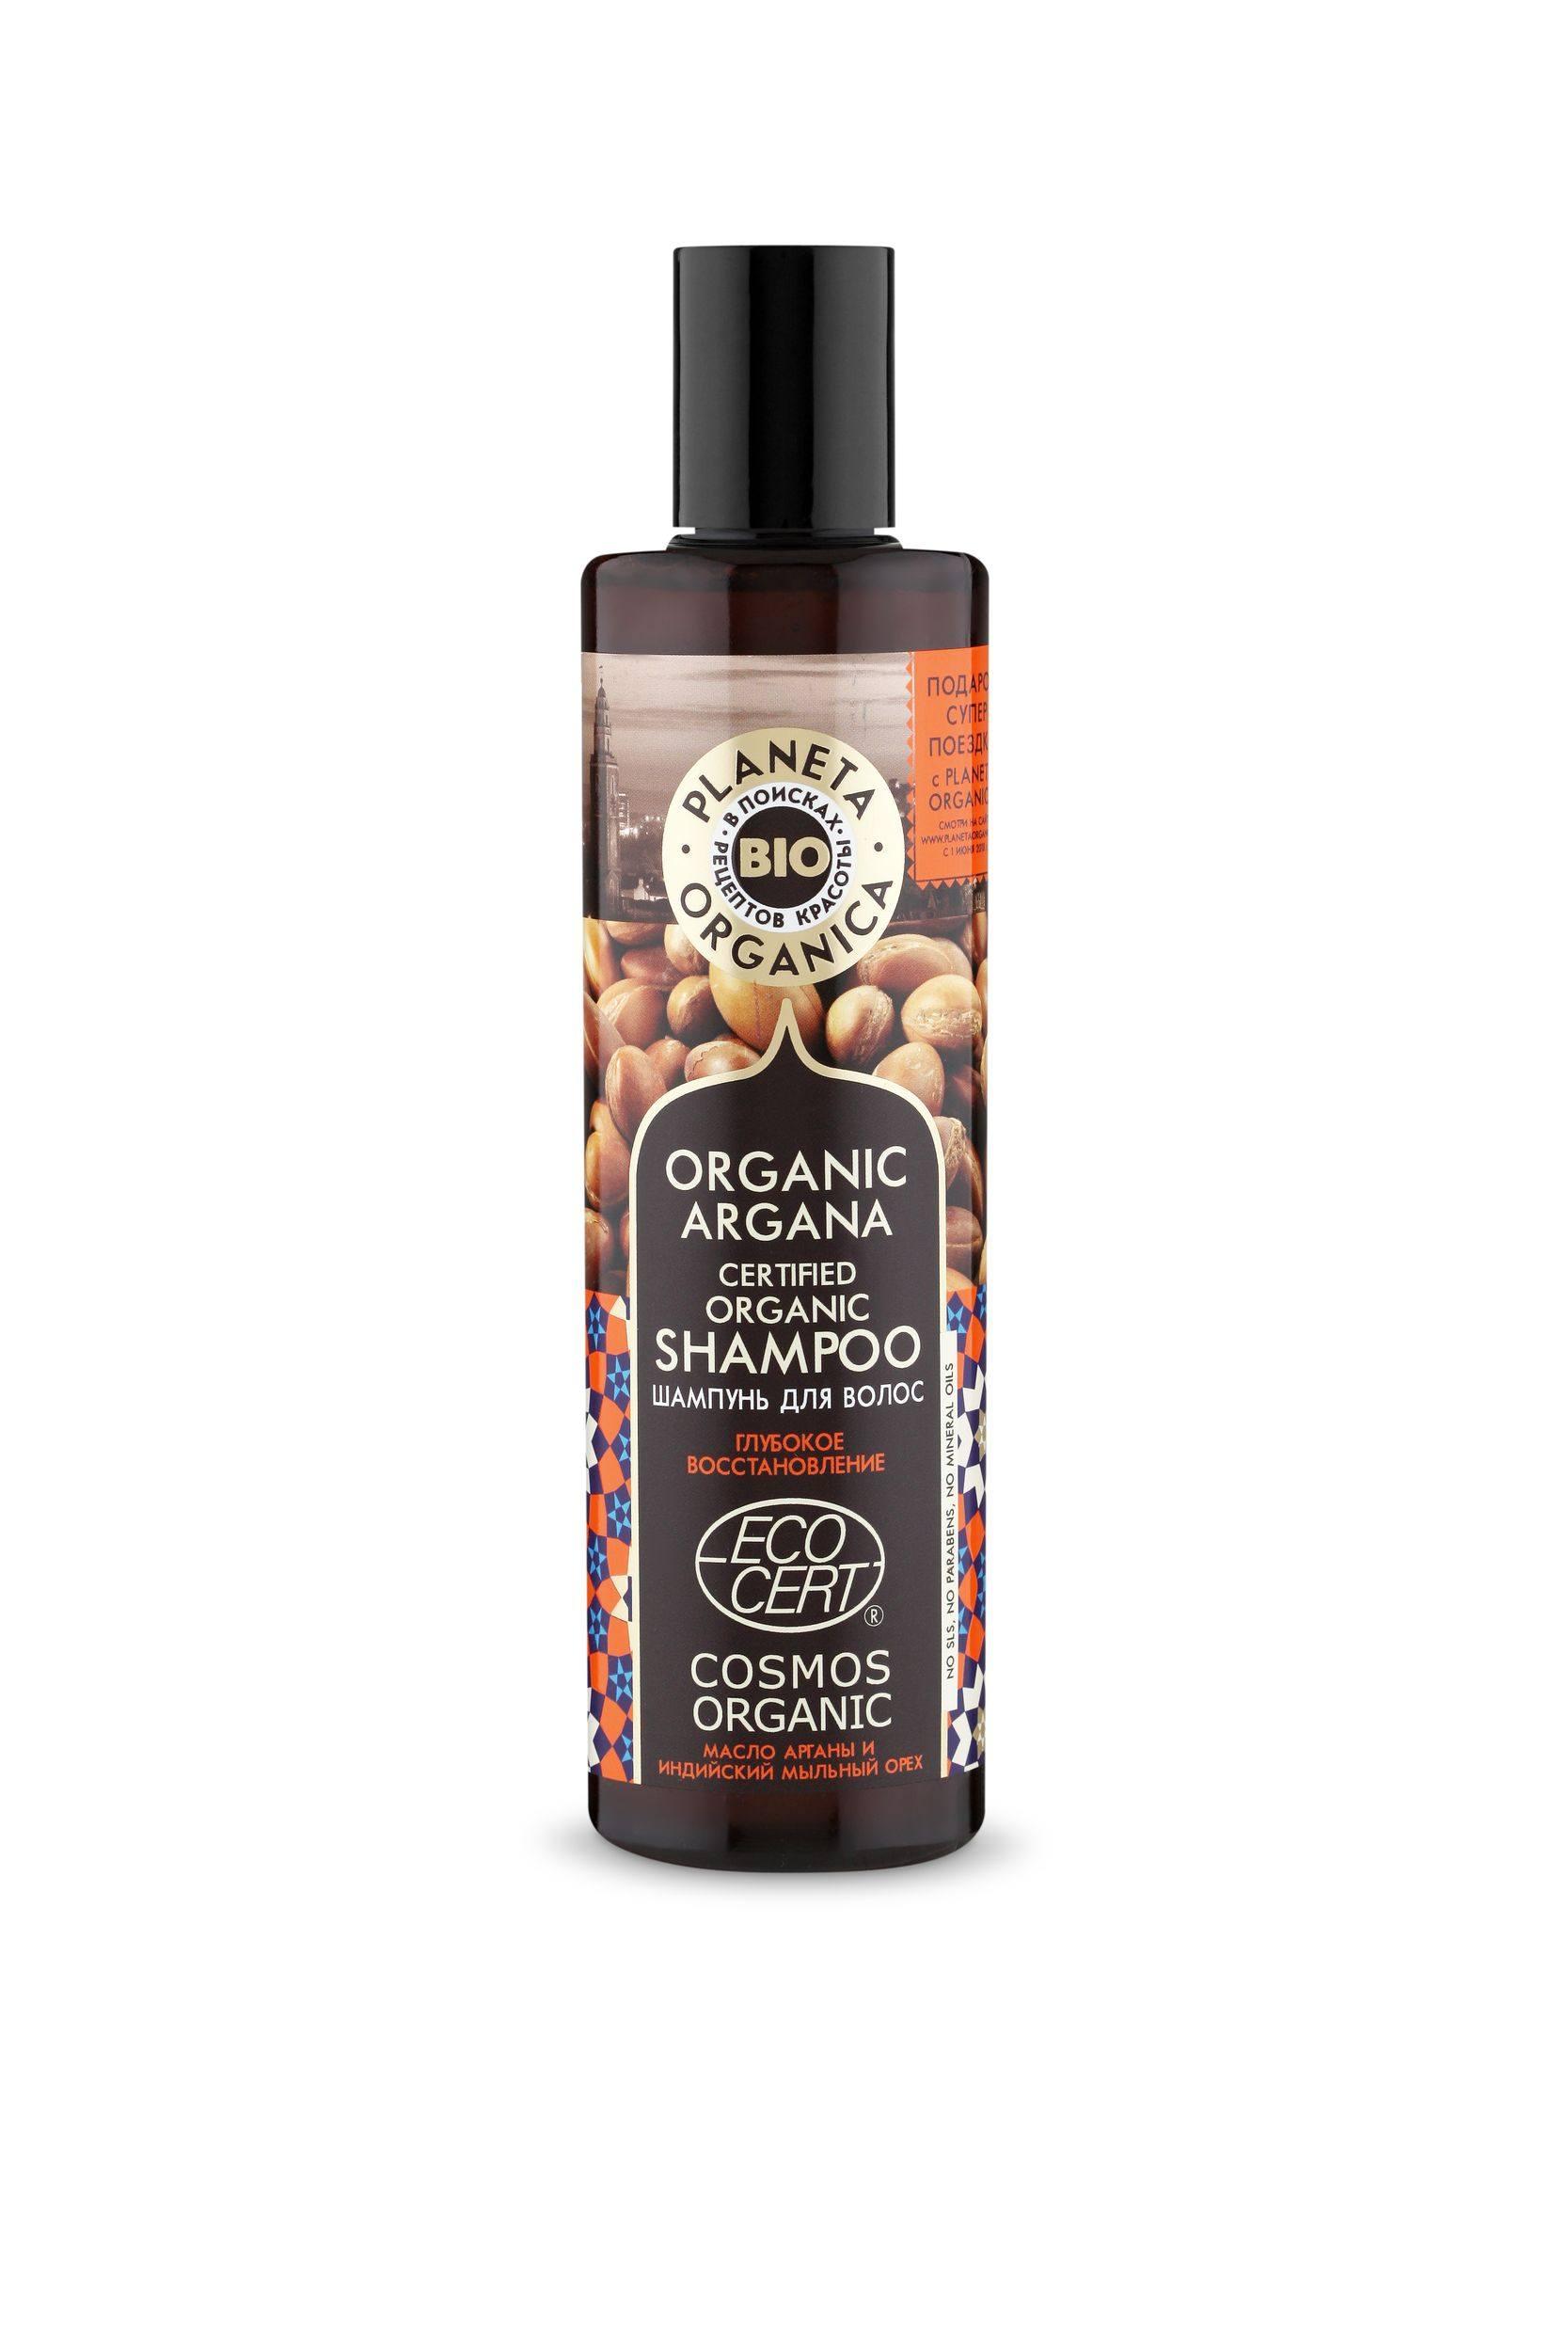 Купить Planeta Organica Organic argana Сертифицированный шампунь для волос Глубокое восстановление ., 280 мл (shop: Organic-shops Organic shops)